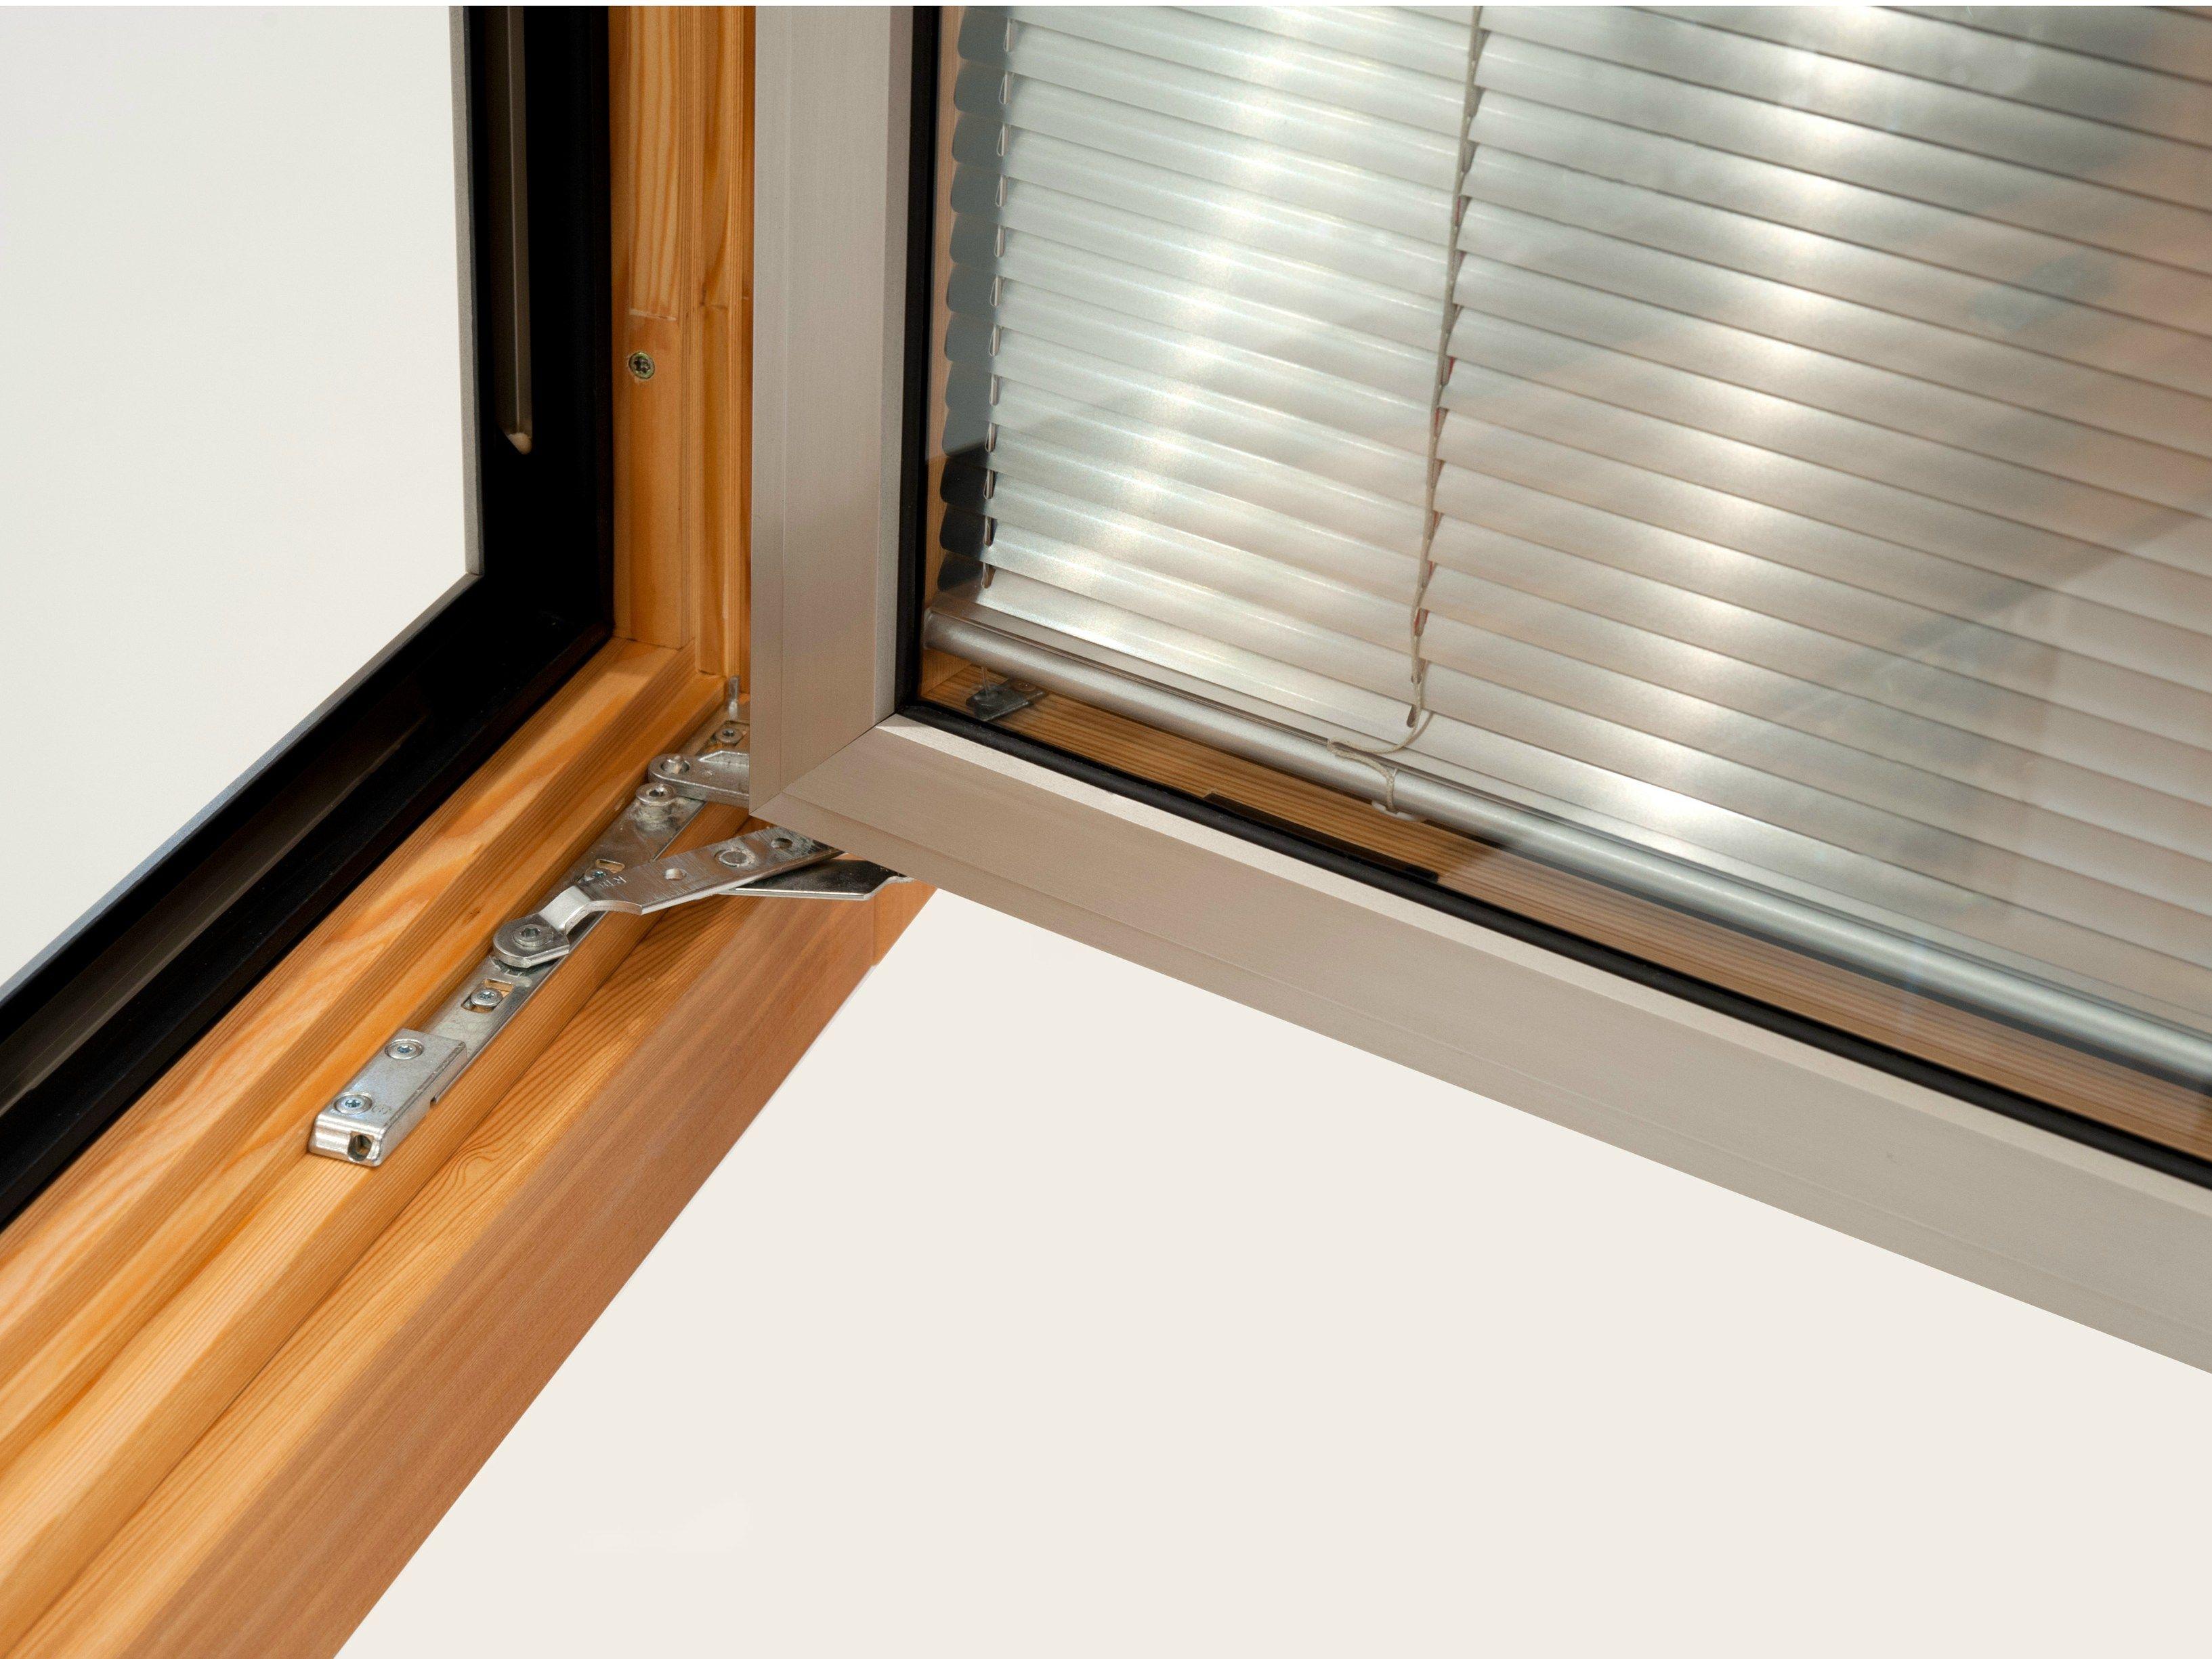 #794618 invólucro janelas janelas janelas de alumínio madeira 1636 Janela De Alumínio Joinville